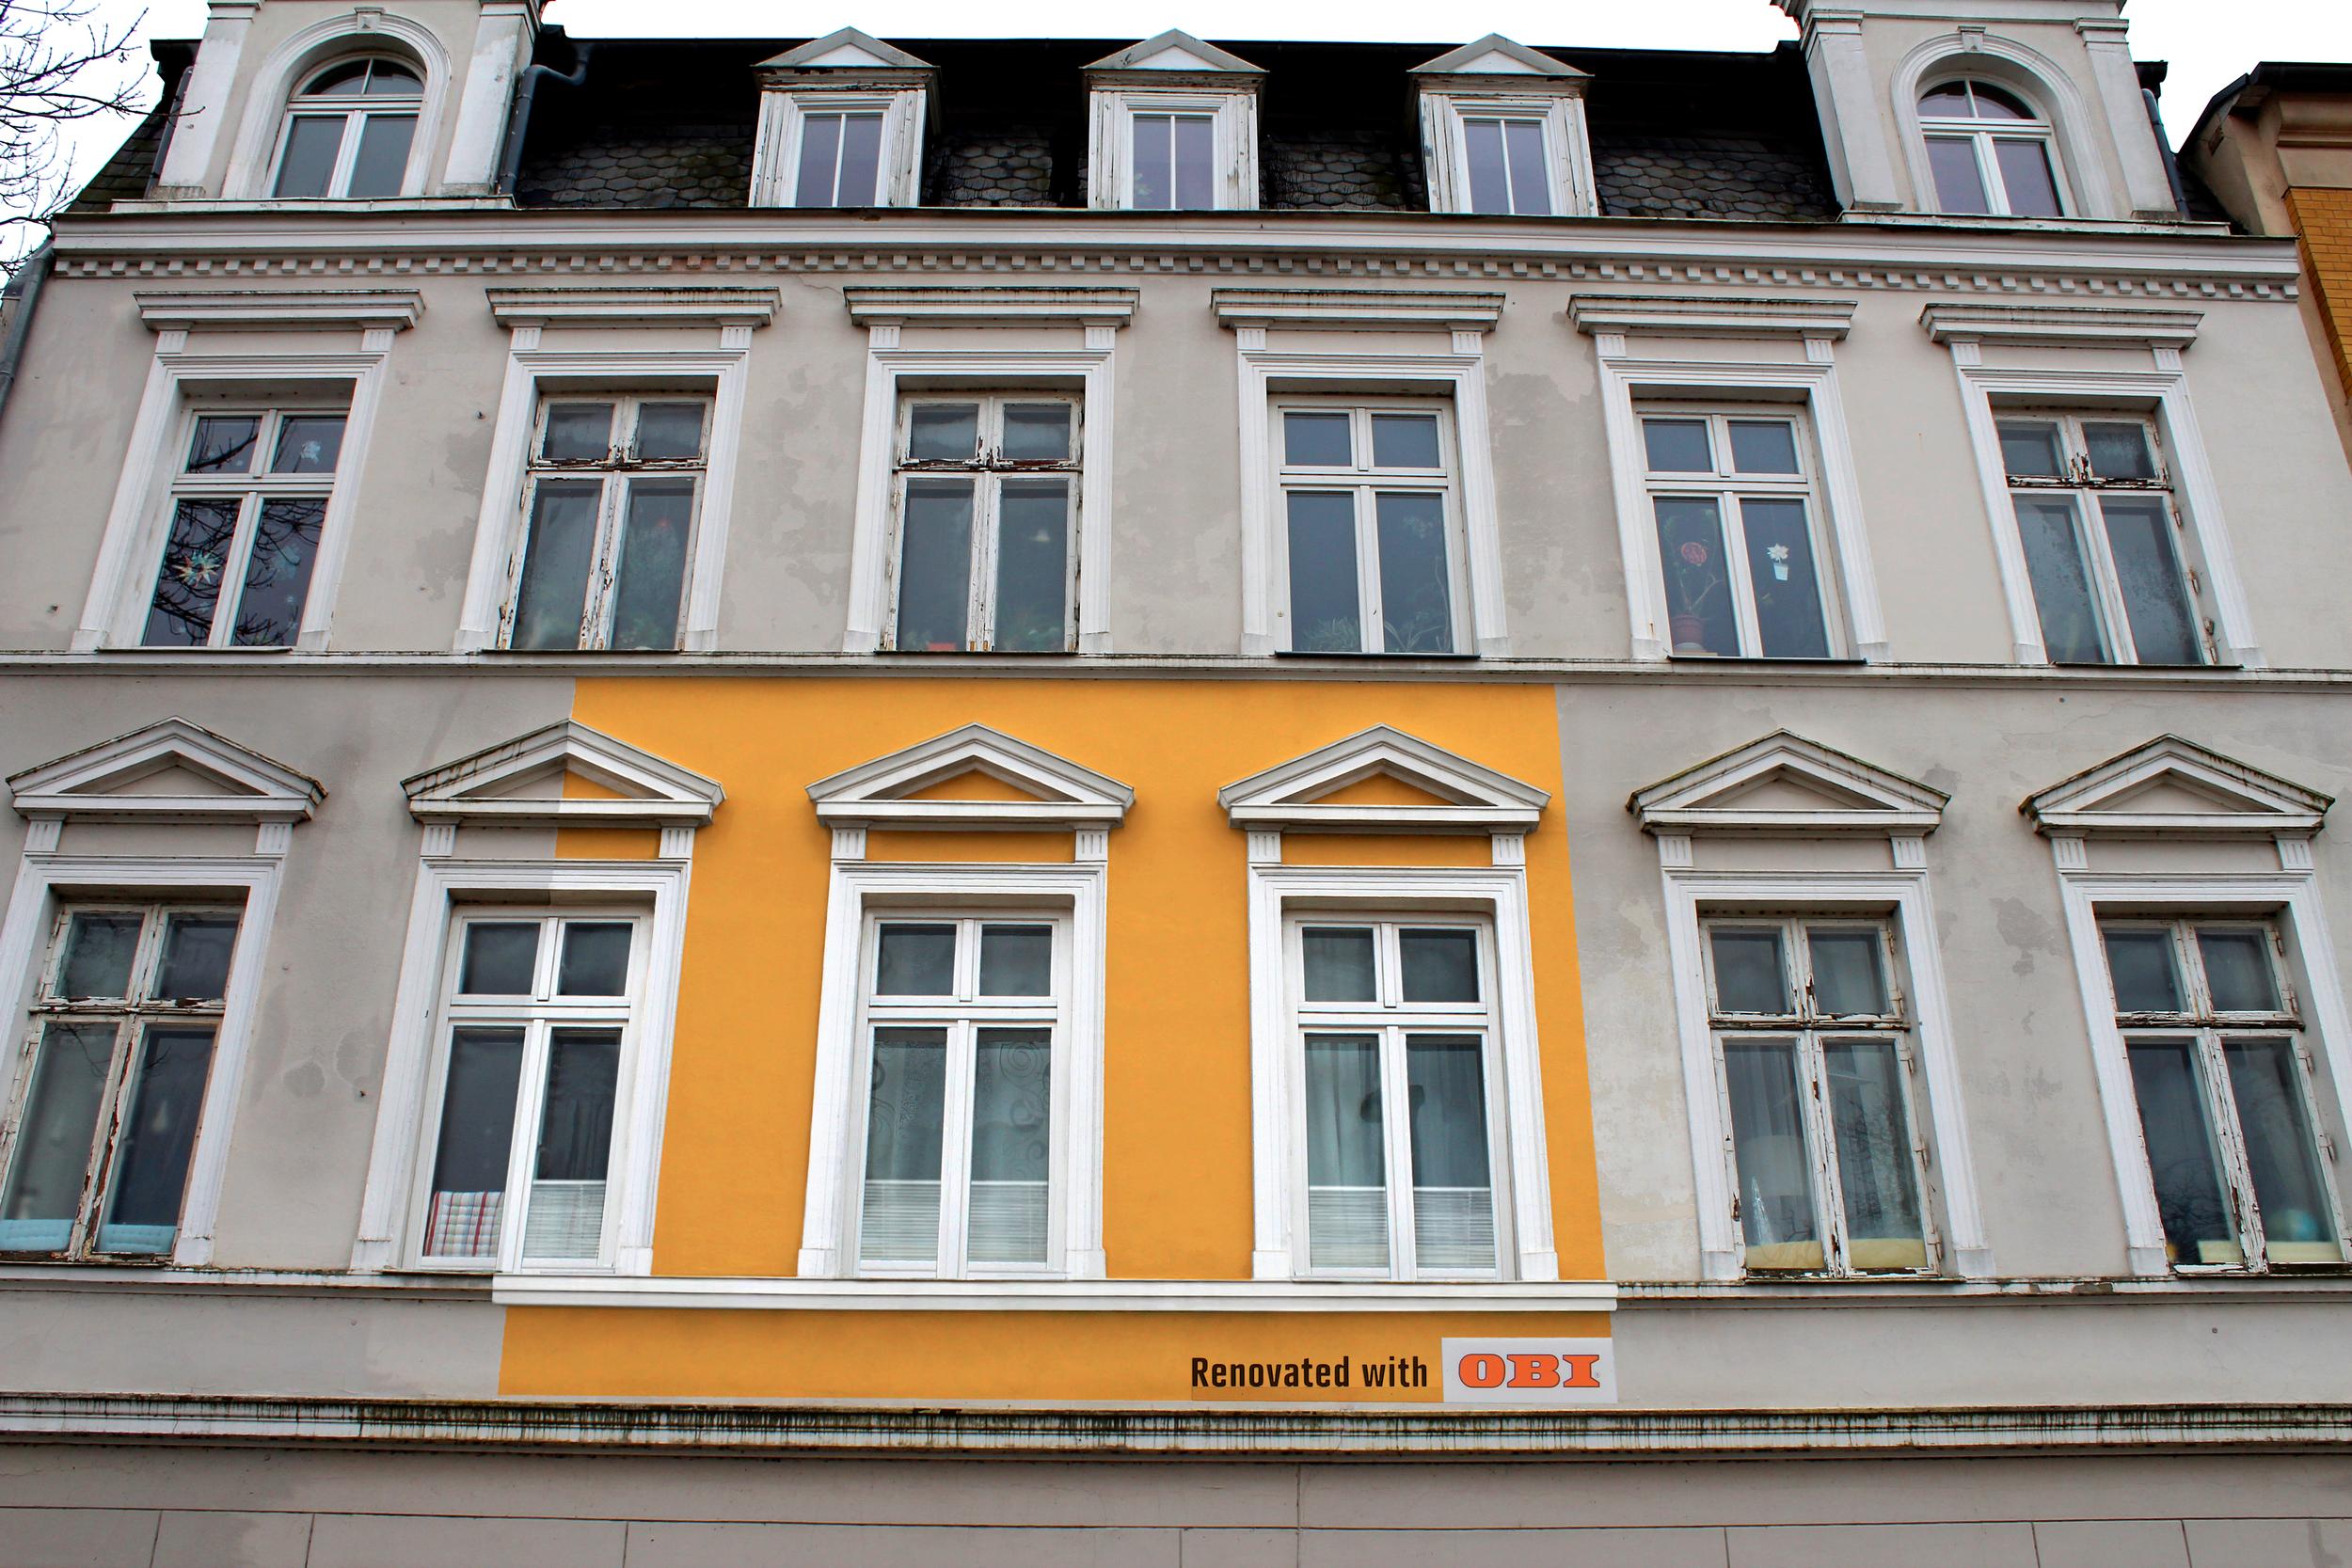 ENGL_OBI_Haus_07_gelb.jpg